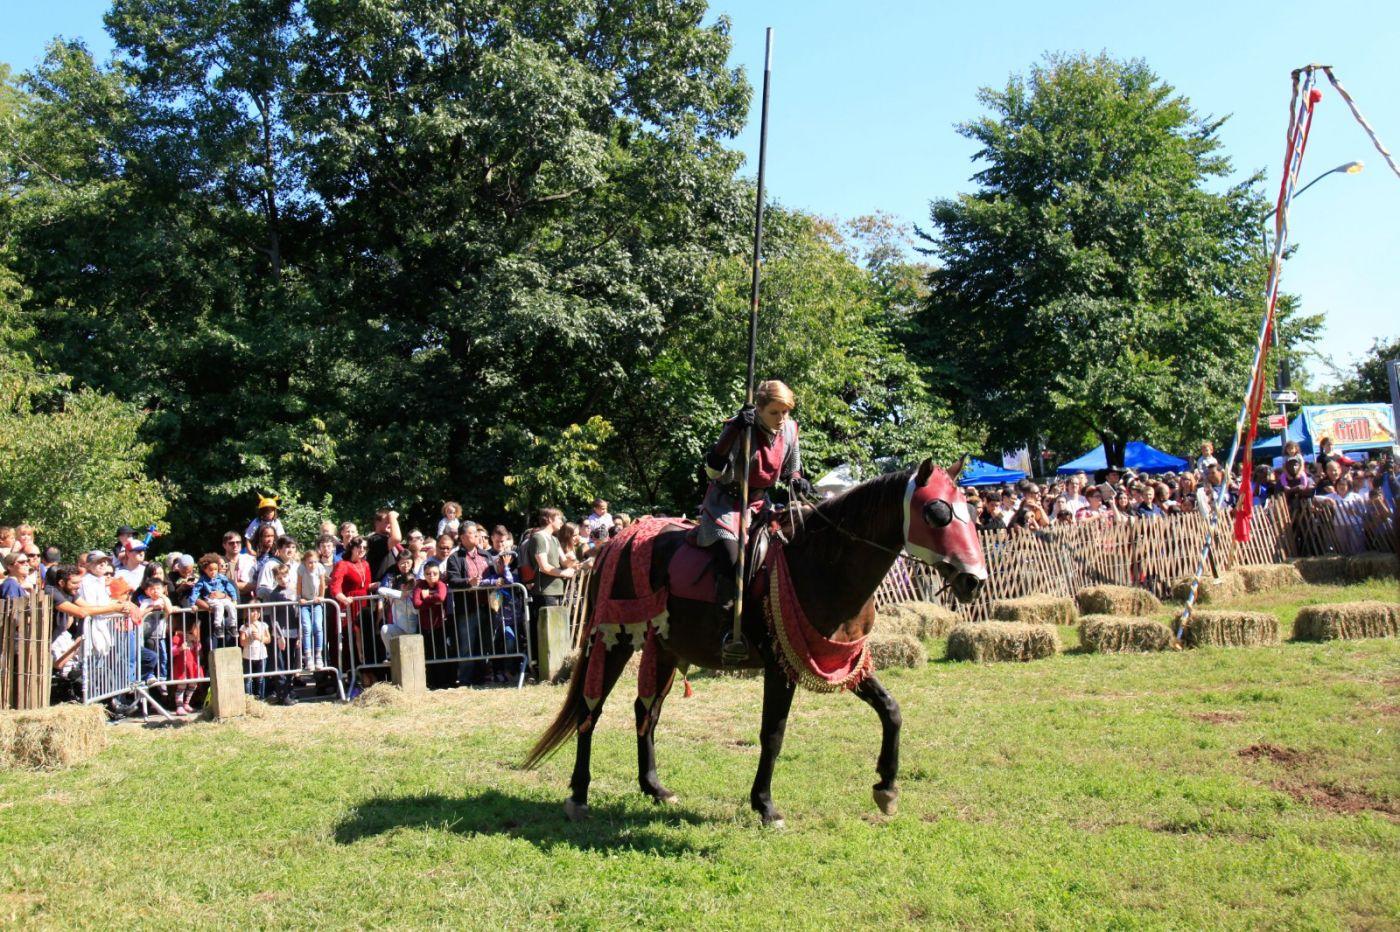 一年一度的崔恩堡公园中世纪节热闹非凡_图1-20